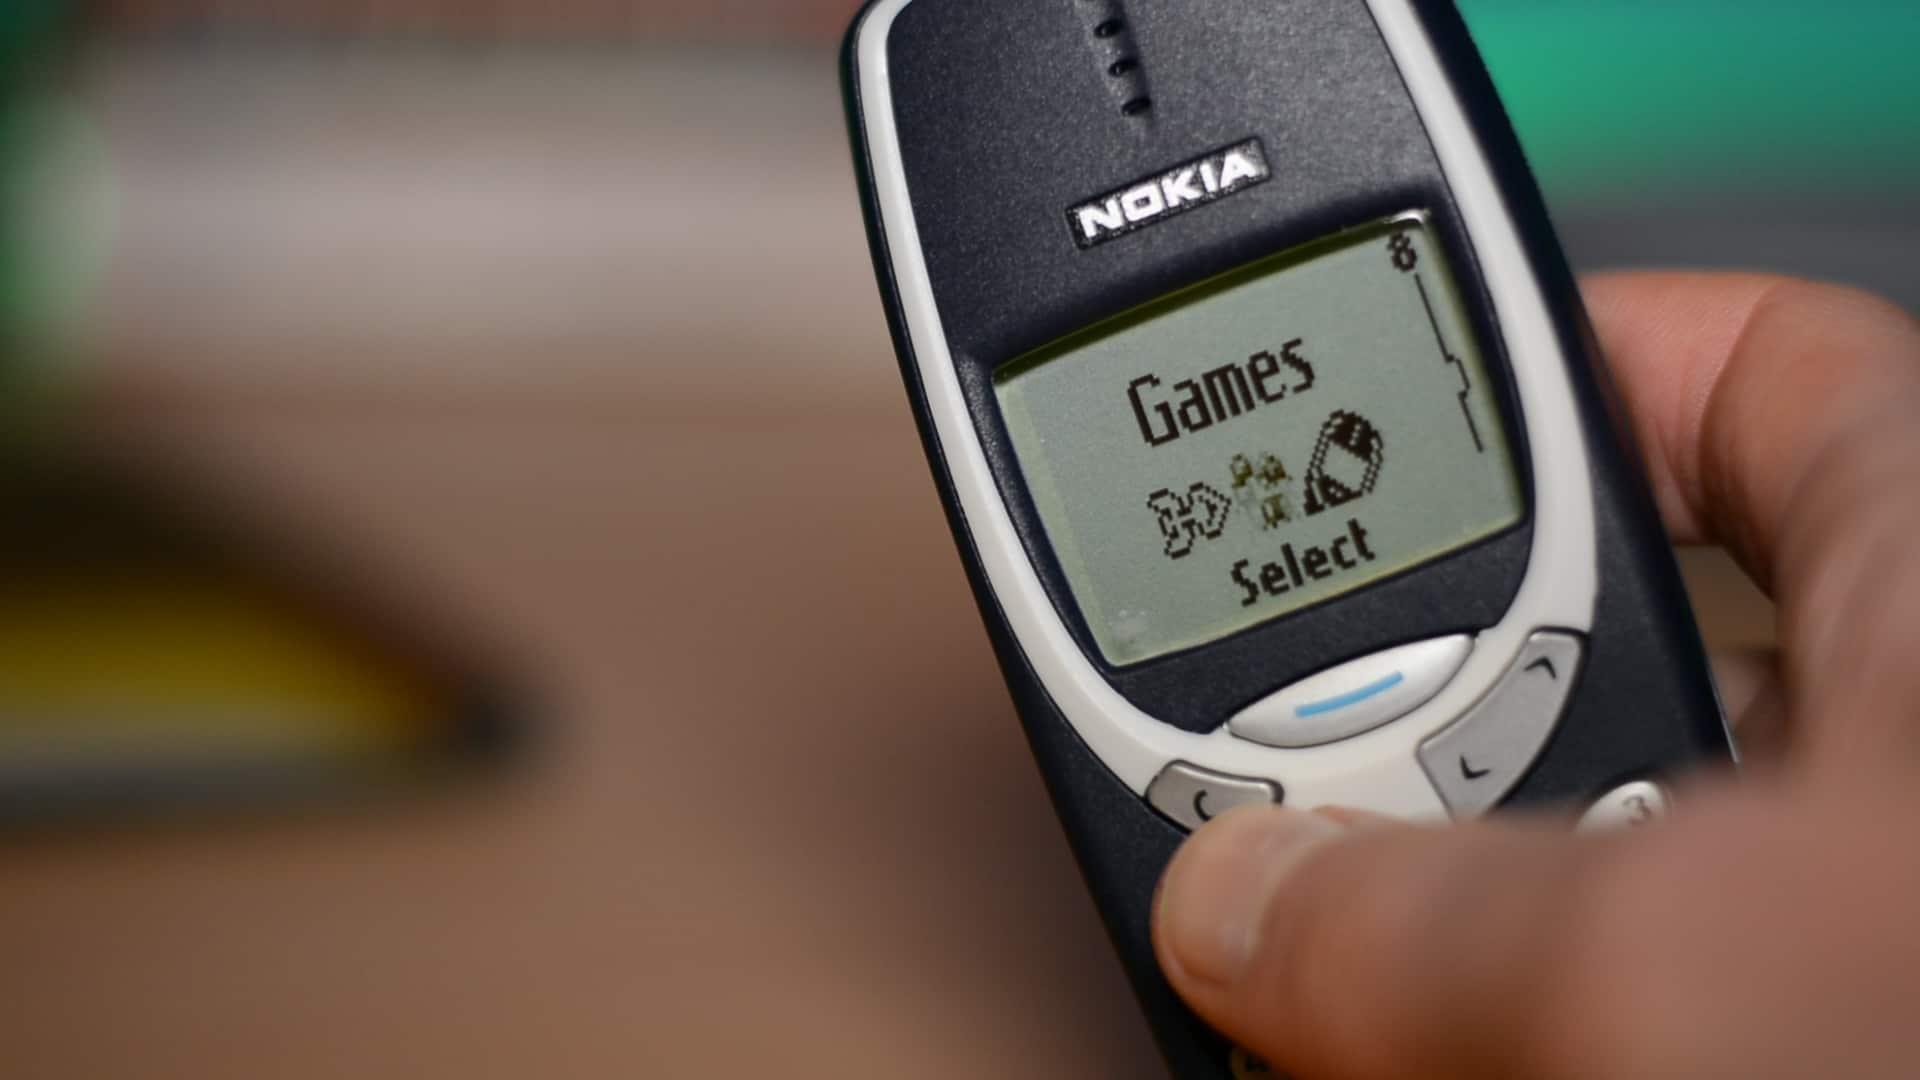 Nokia 3310 comparativa precio y calidad